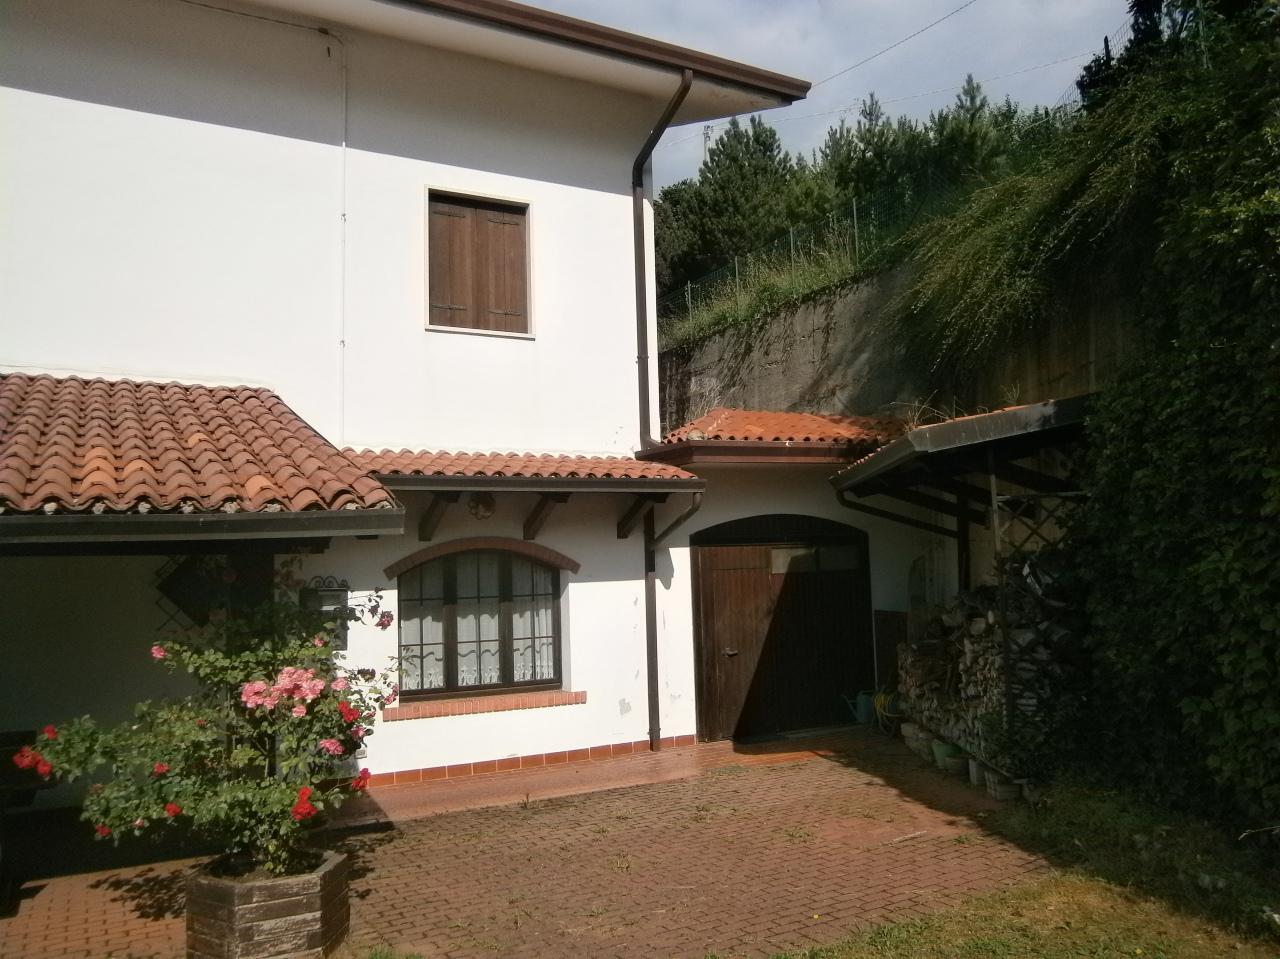 Soluzione Indipendente in vendita a Crespadoro, 7 locali, prezzo € 115.000 | Cambio Casa.it